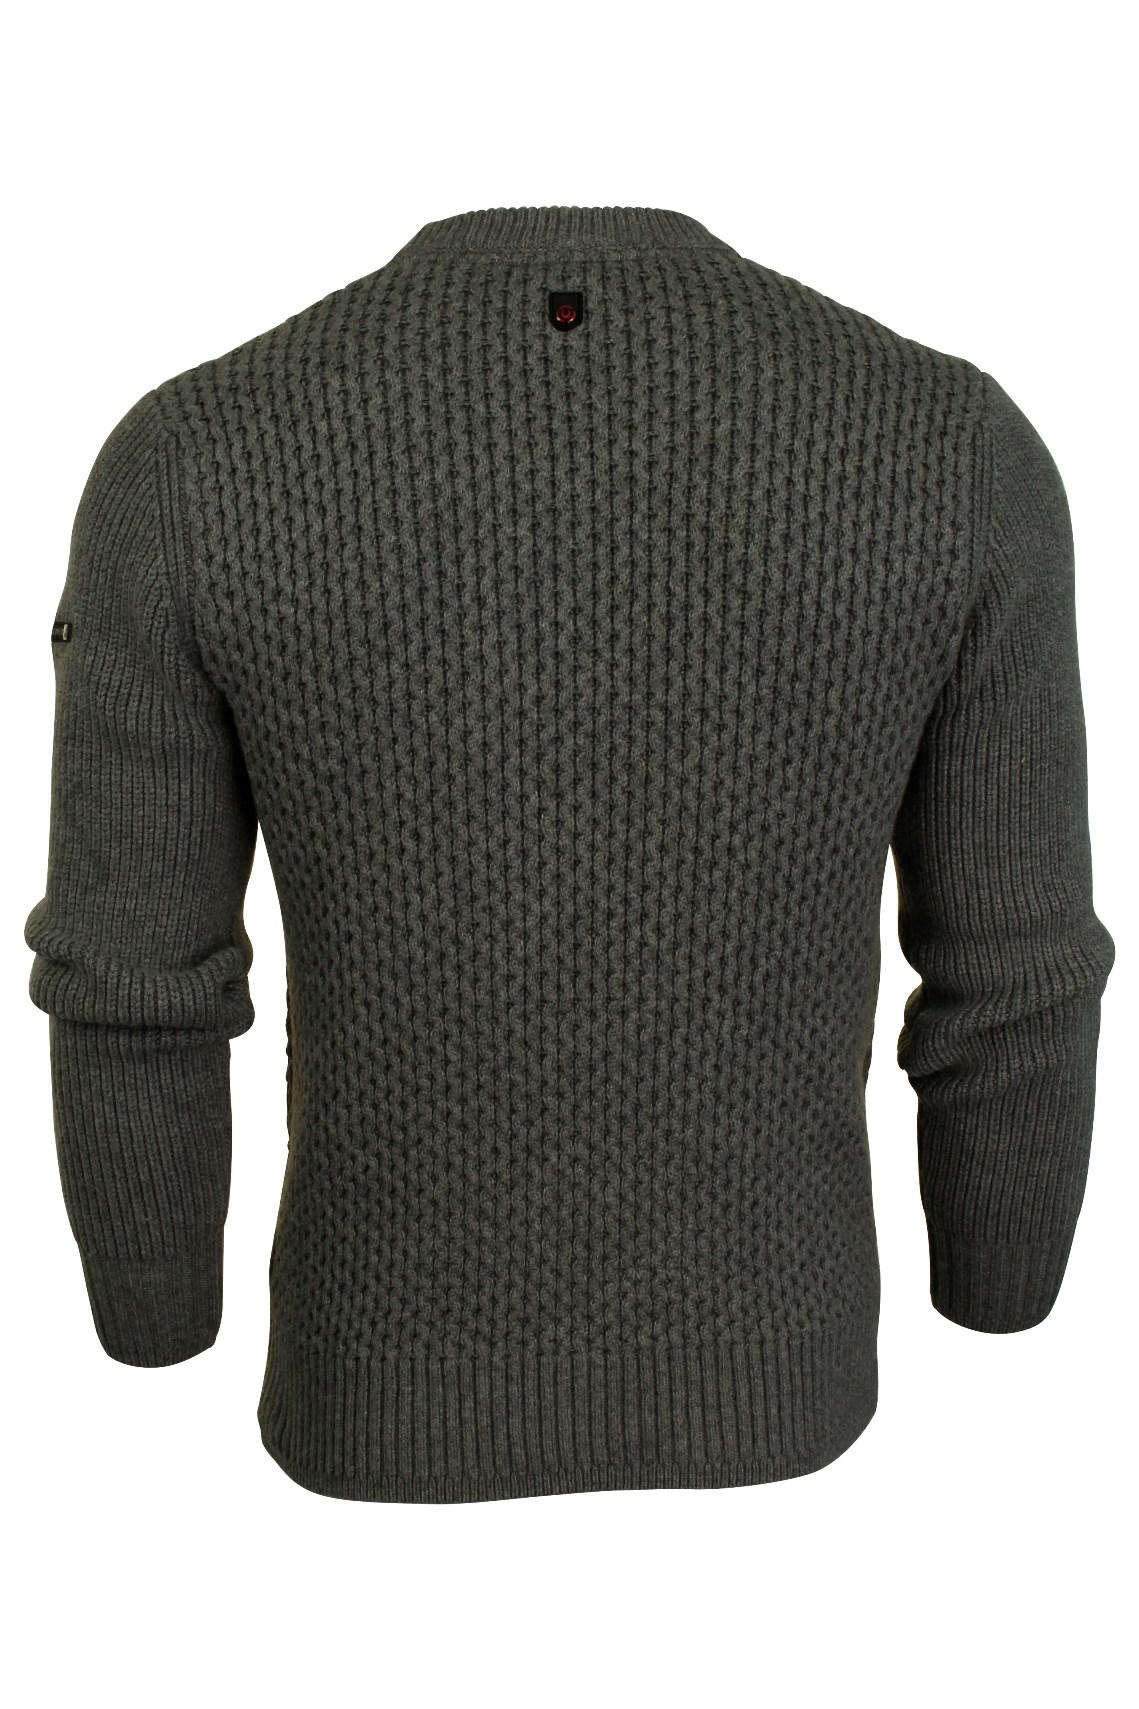 Jersey-para-hombre-honeycombe-puntada-por-haz-de-cubierta-y-Pato-039-039 miniatura 5